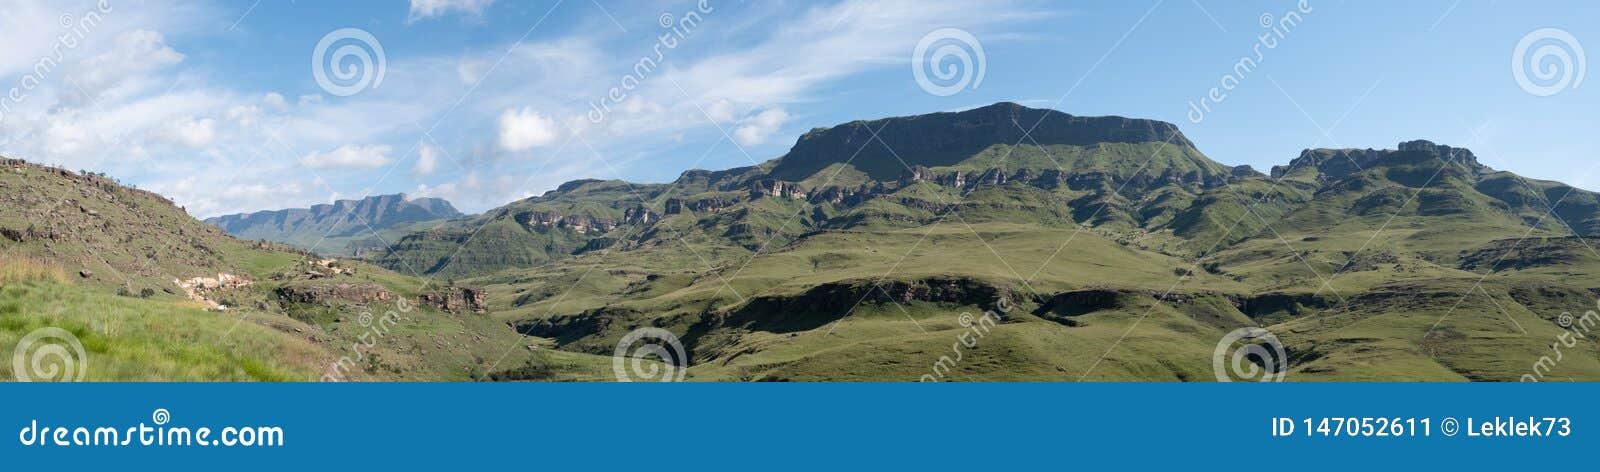 Πανόραμα του περάσματος Sani, πέρασμα βουνών που συνδέει τη Νότια Αφρική με το Λεσόθο